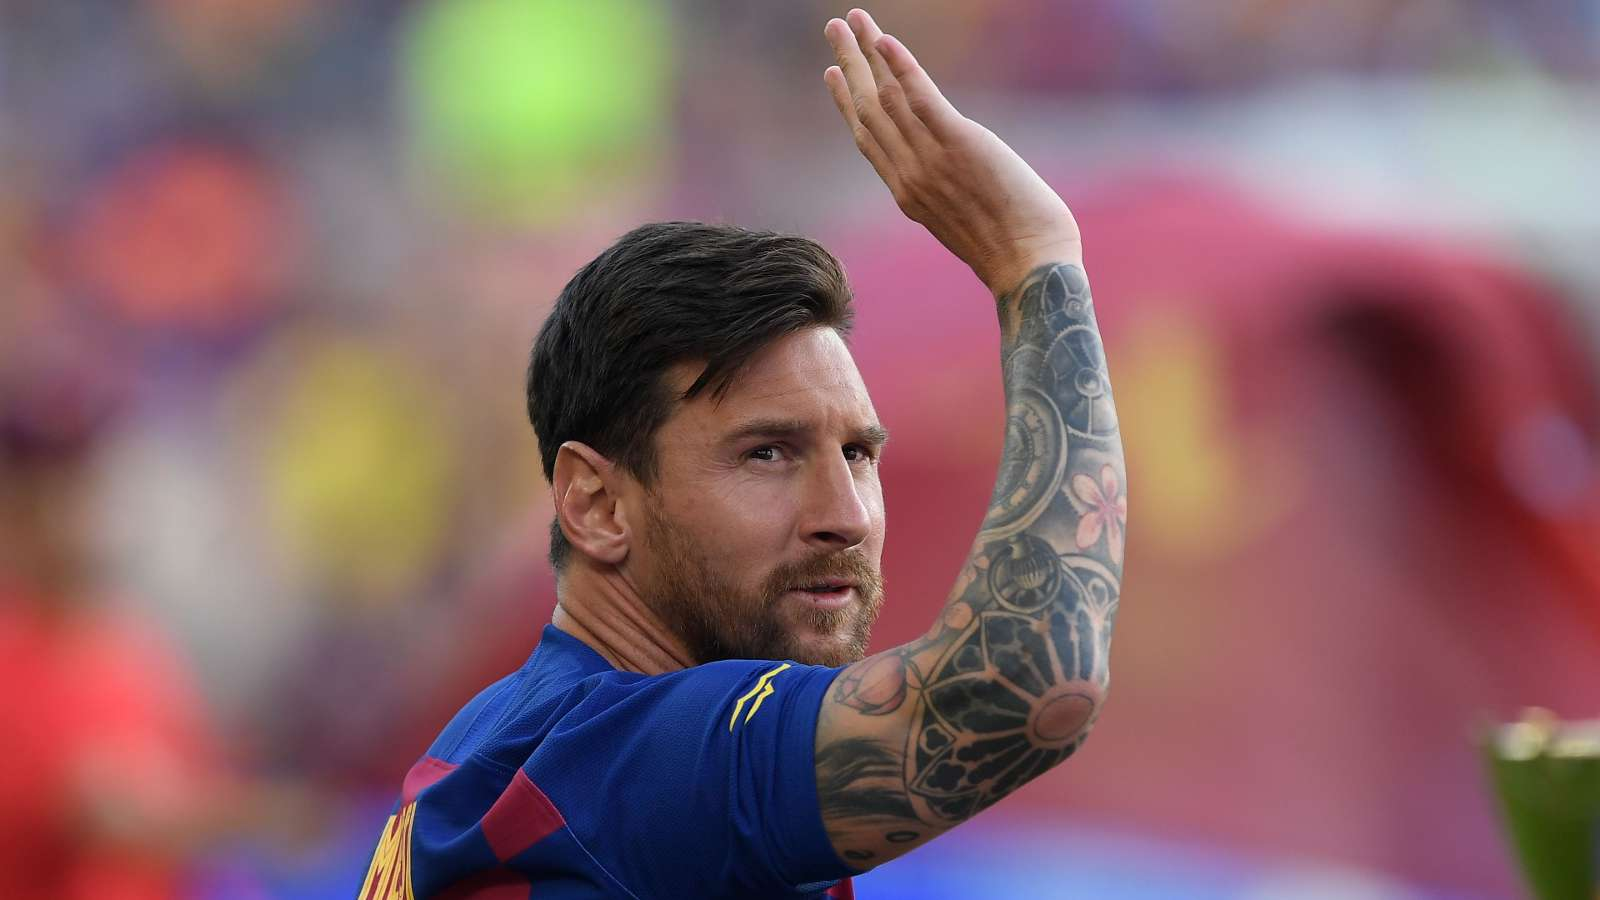 آرژانتین-بارسلونا-لالیگا-اسپانیا-barcelona